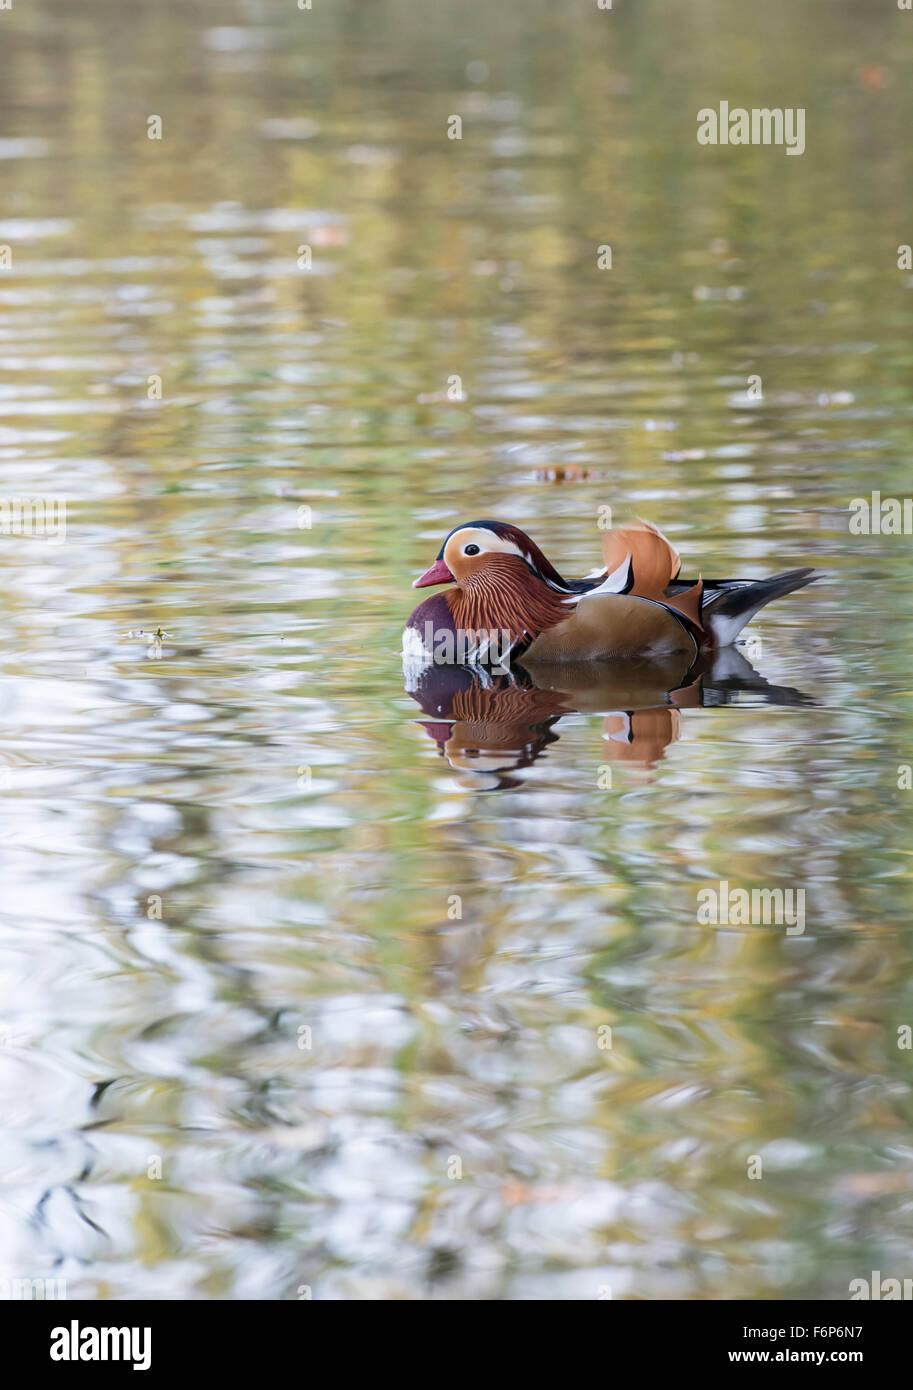 Pato mandarín (Aix galericulata) macho (drake). La especie es nativa de Asia, pero las razas ferally en partes de Europa y Gran Bretaña. Foto de stock